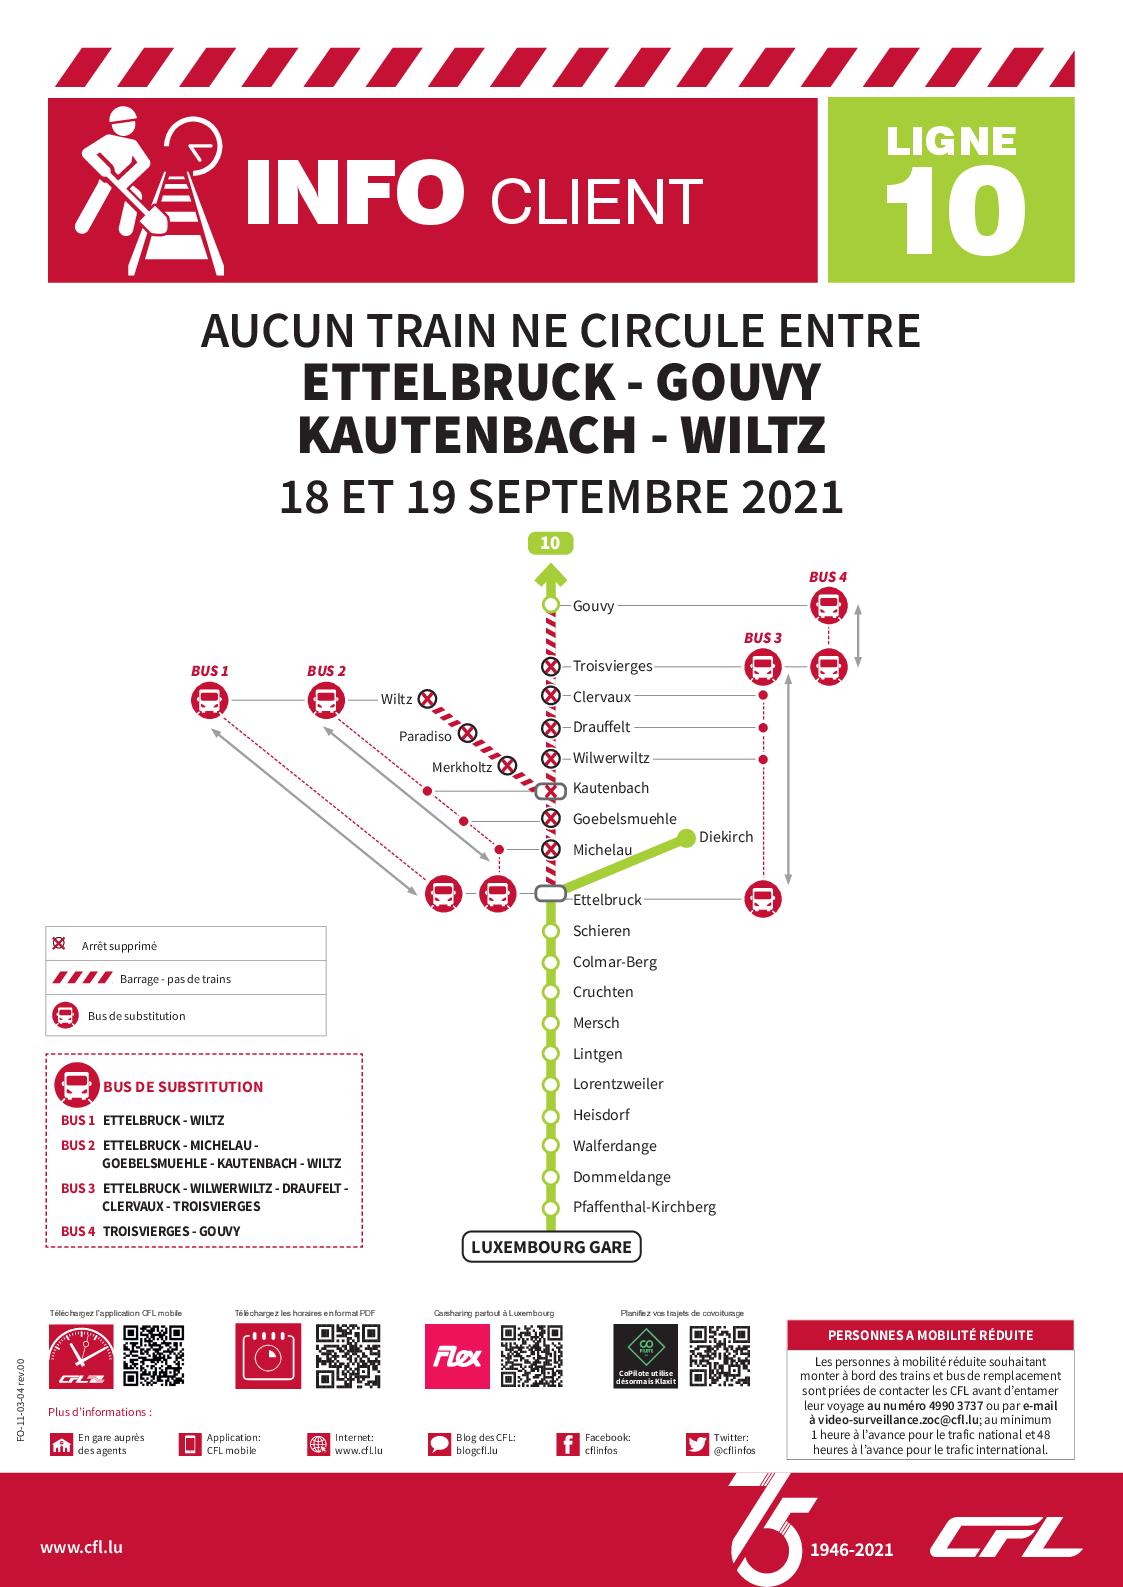 Aucun train ne circule entre Kautenbach et Wiltz le 18 et 19 Septembre 2021